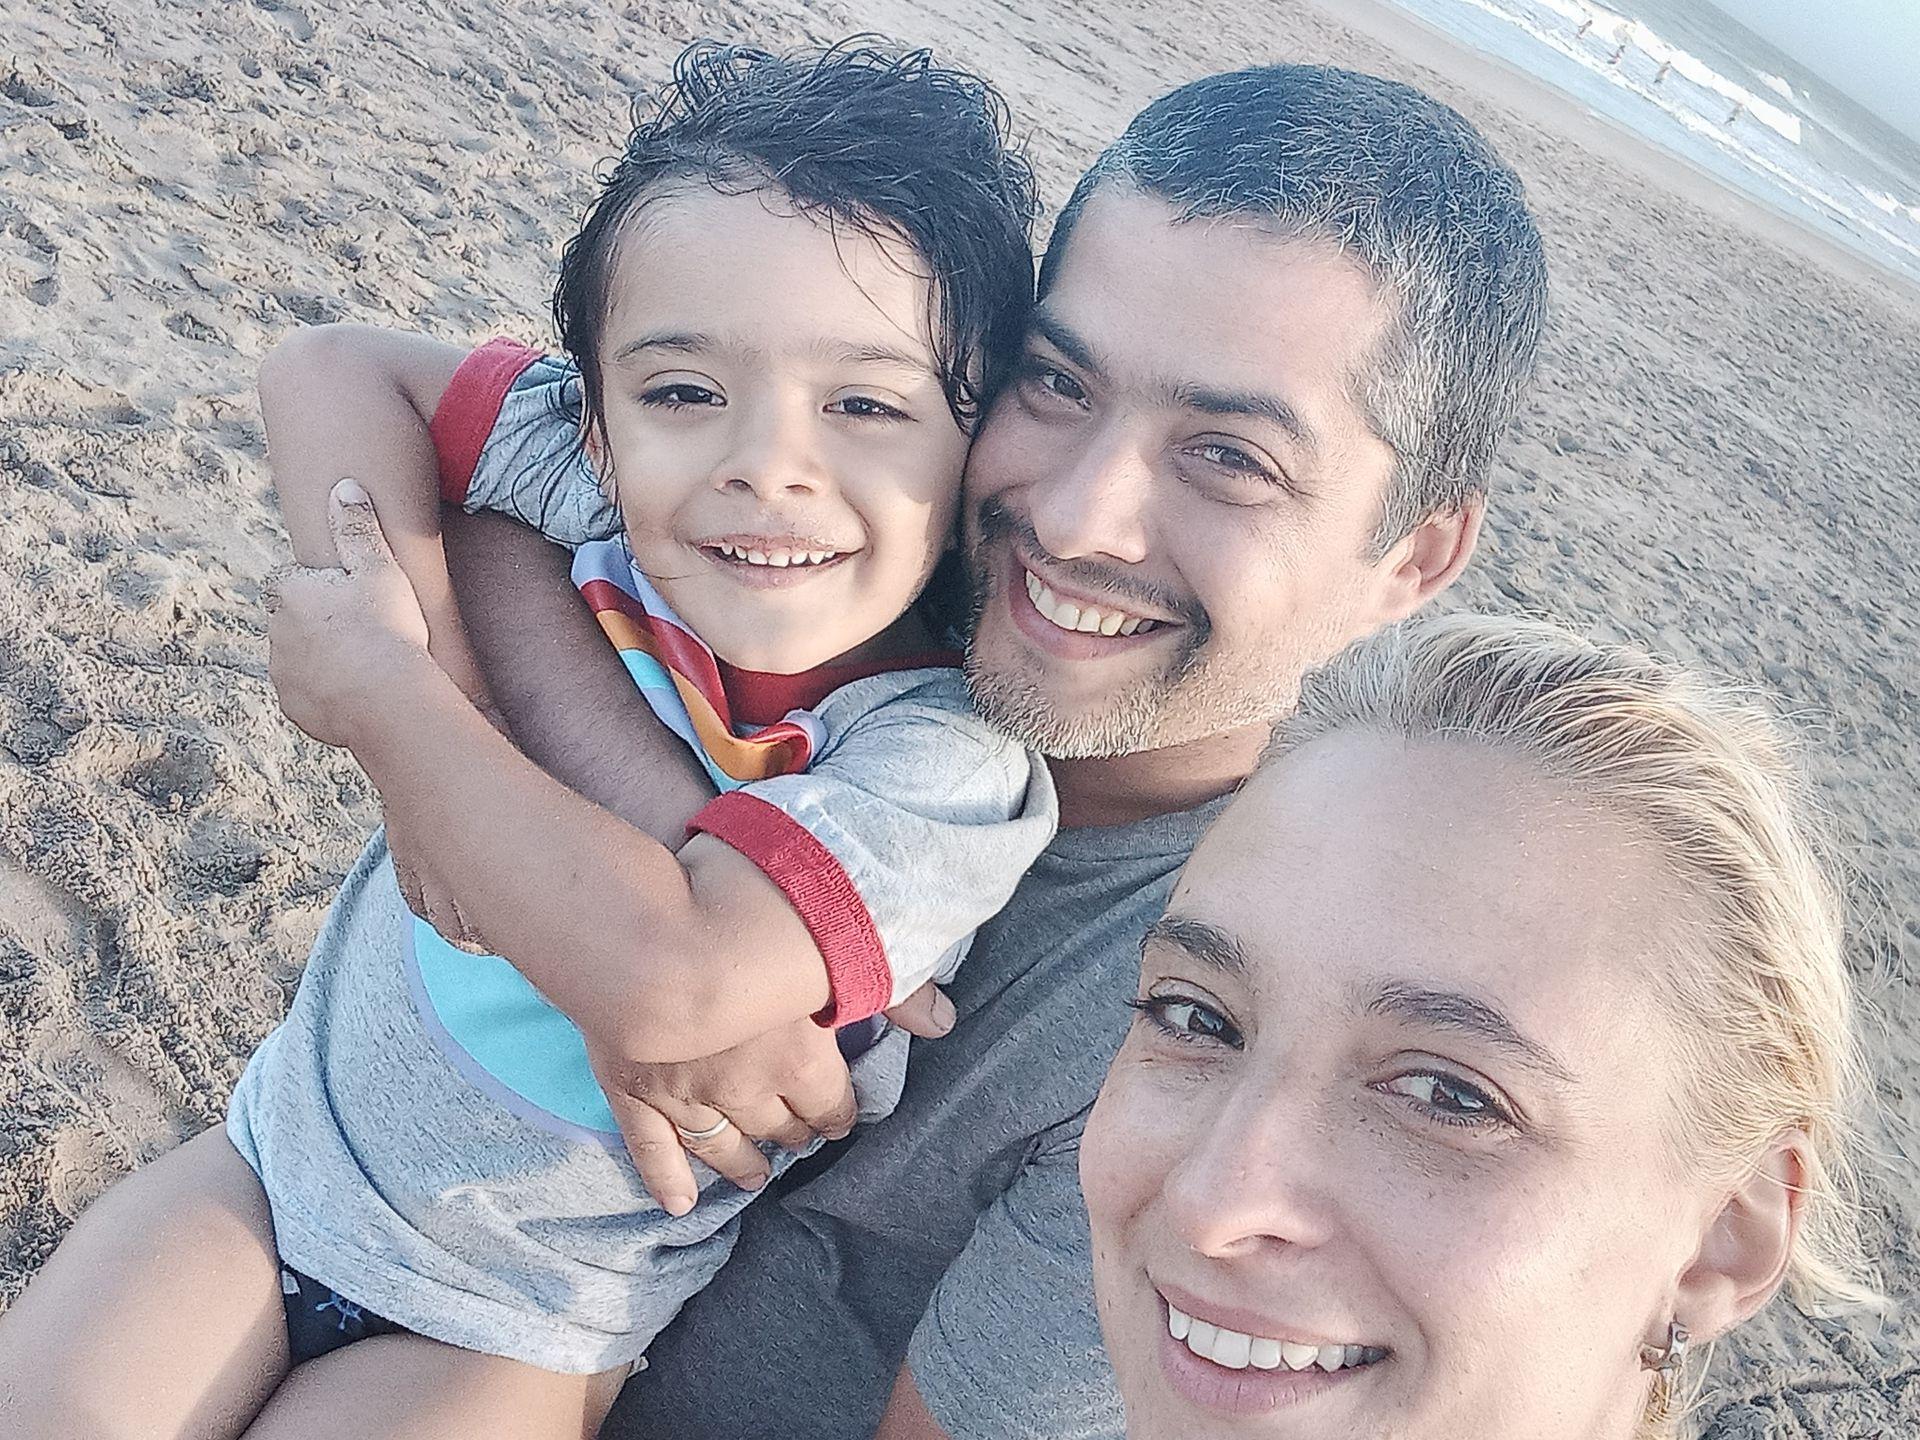 Paola Nadal y su familia dejaron Temperley y en enero se mudaron a Villa Gesell